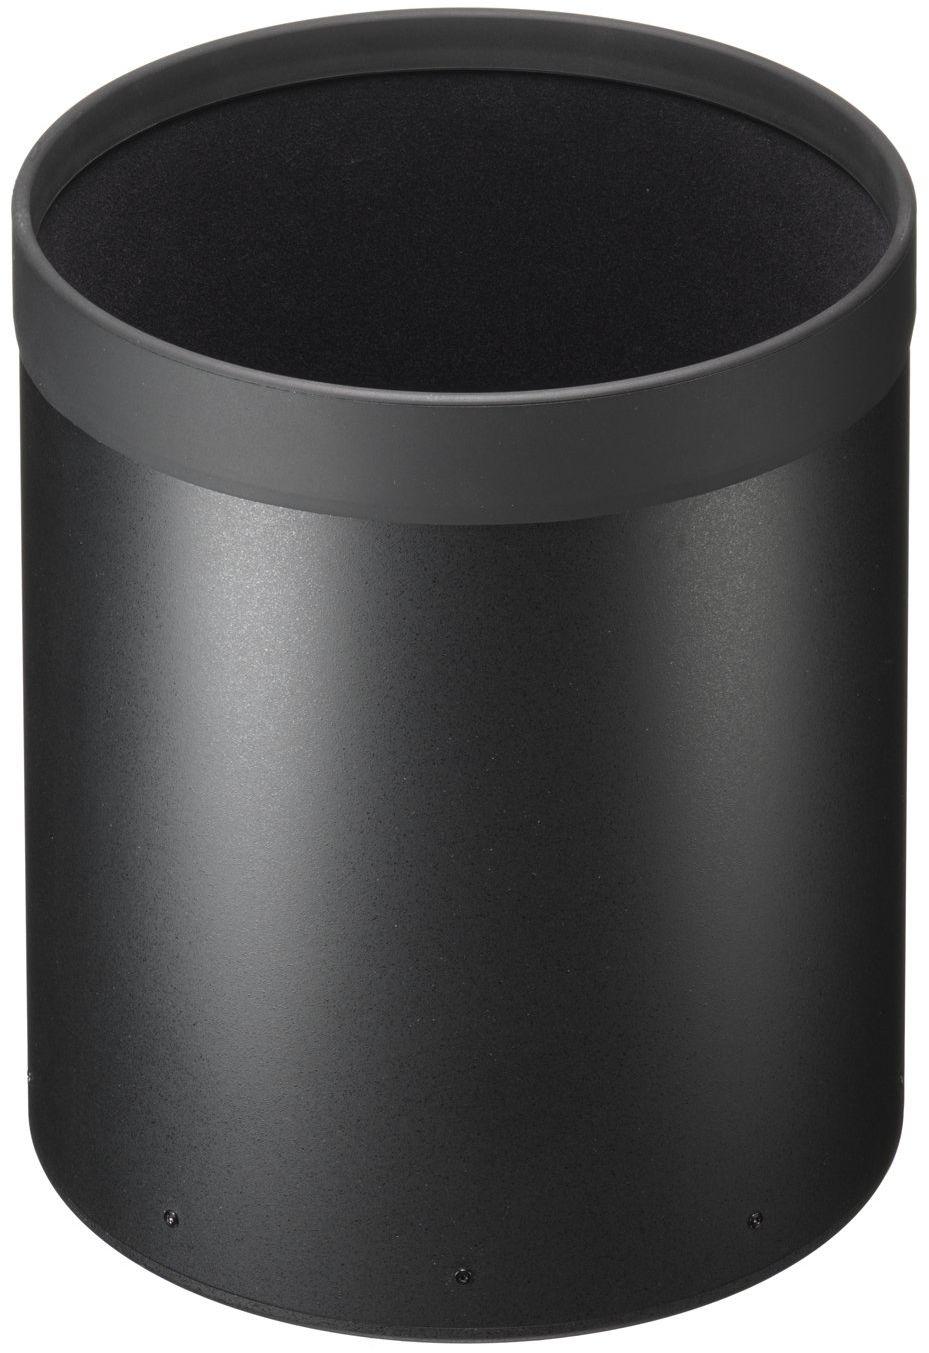 Sigma LH1388-01 osłona przeciwsłoneczna (odpowiednia do obiektywów 500 mm F4,0 DG OS HSM Sport)